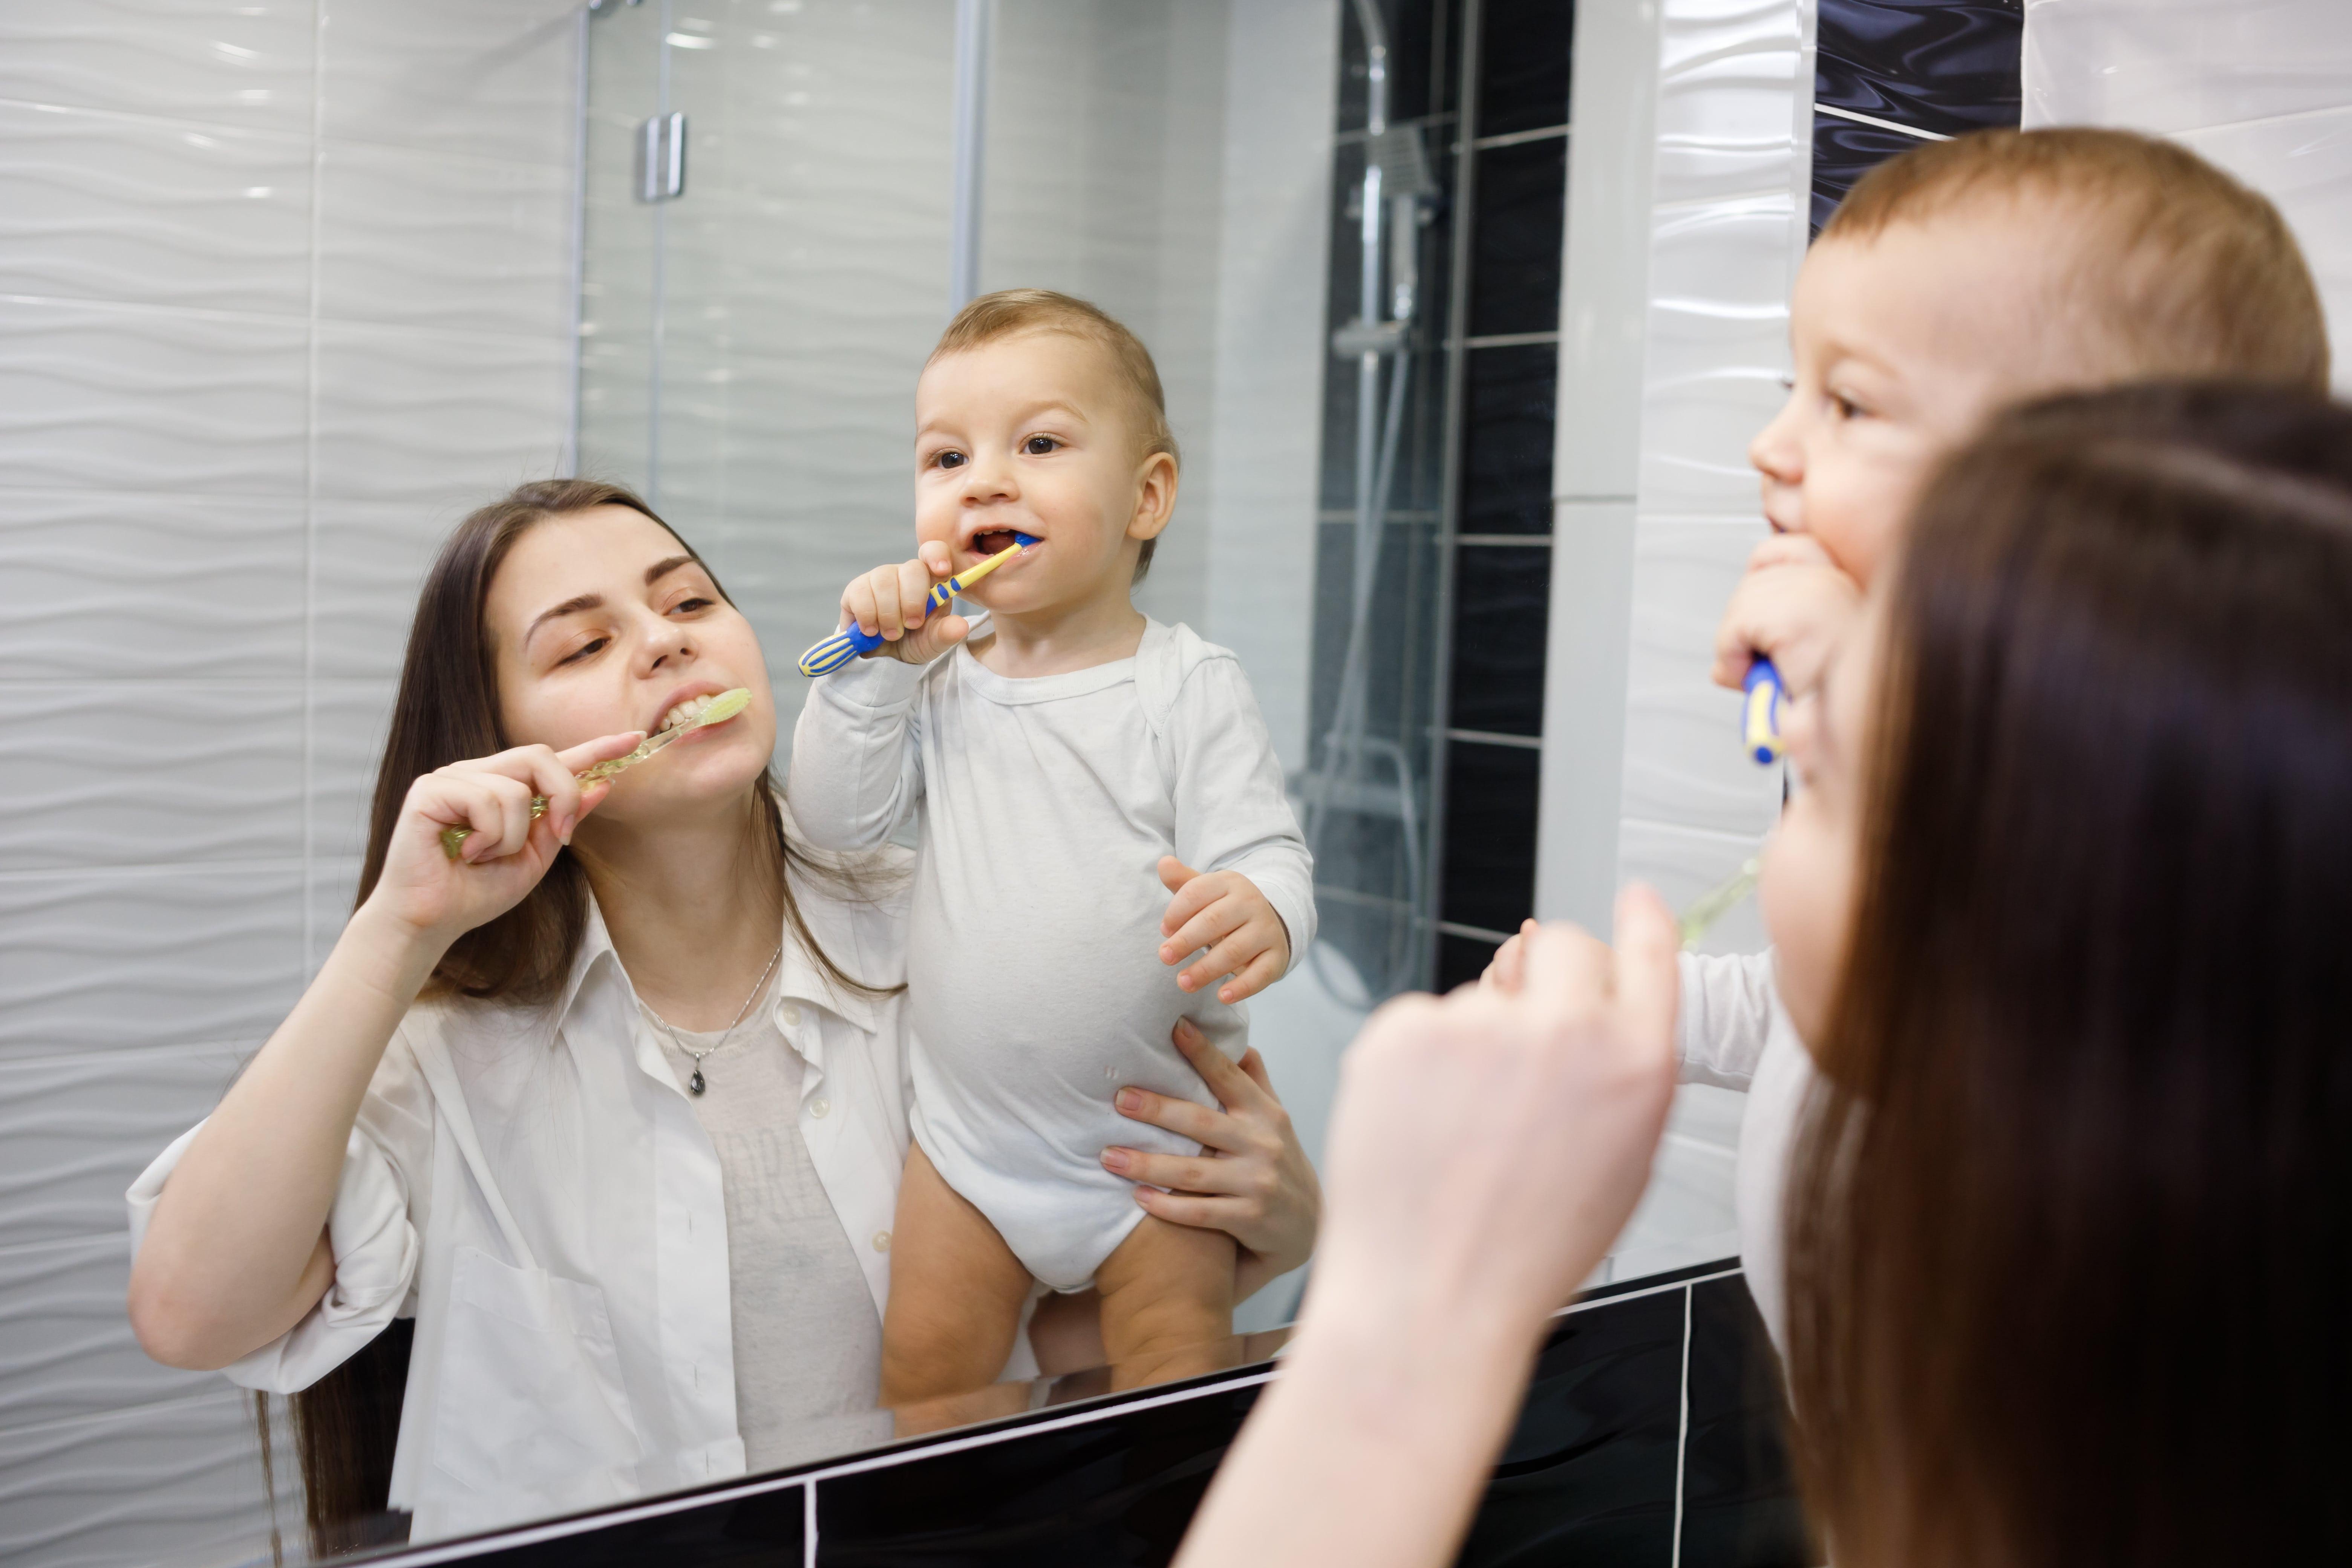 Mutter mit Baby putzen Zähne